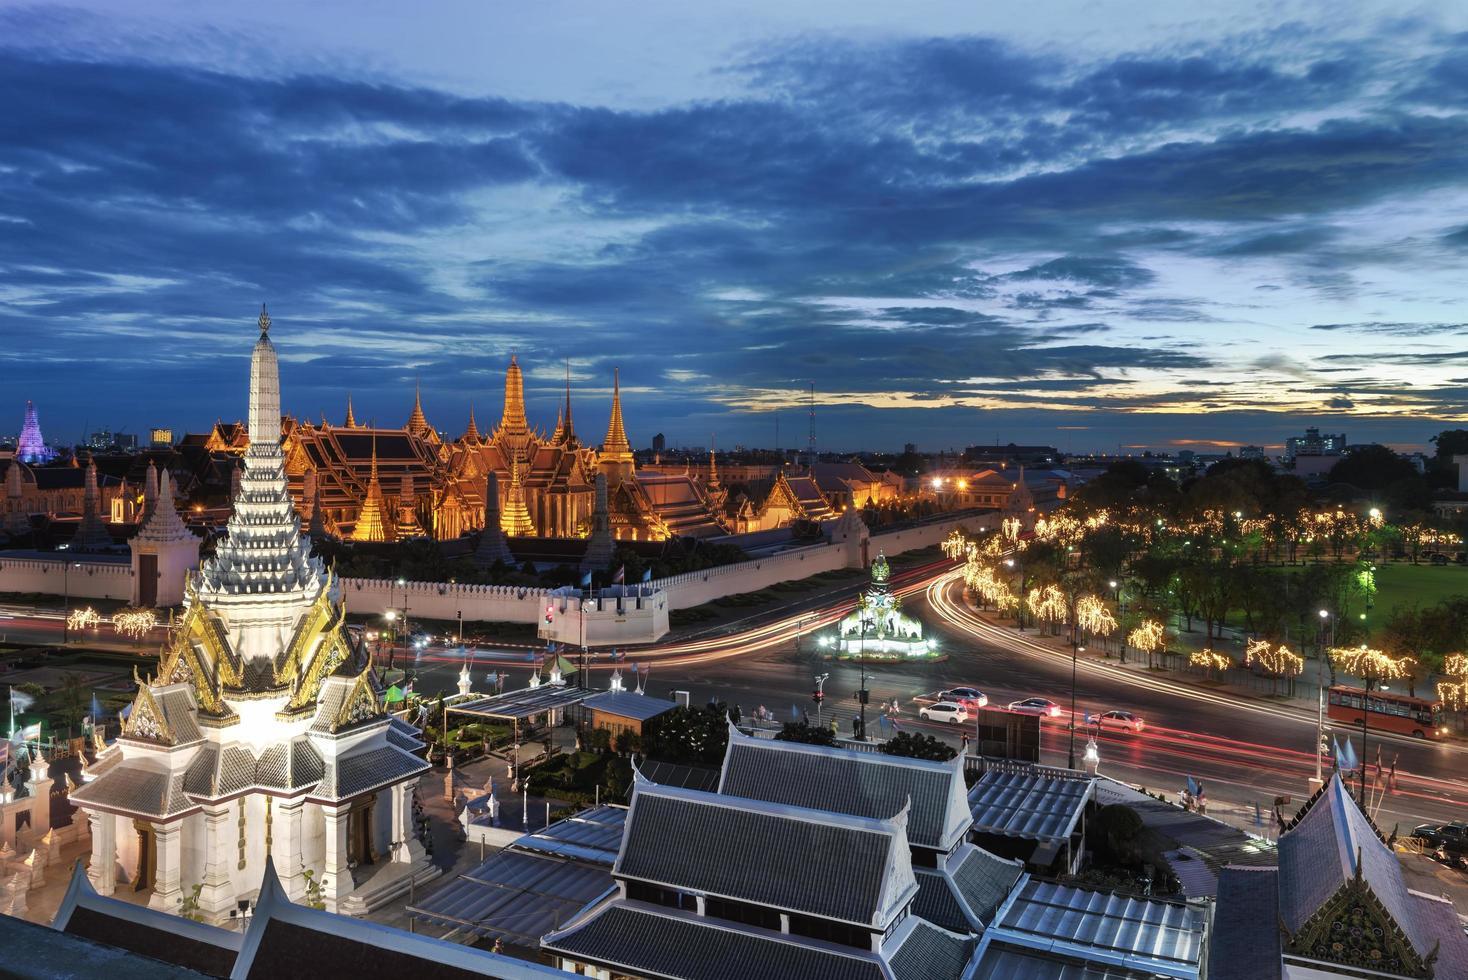 Nachtansicht des großen Palastes in Bangkok foto